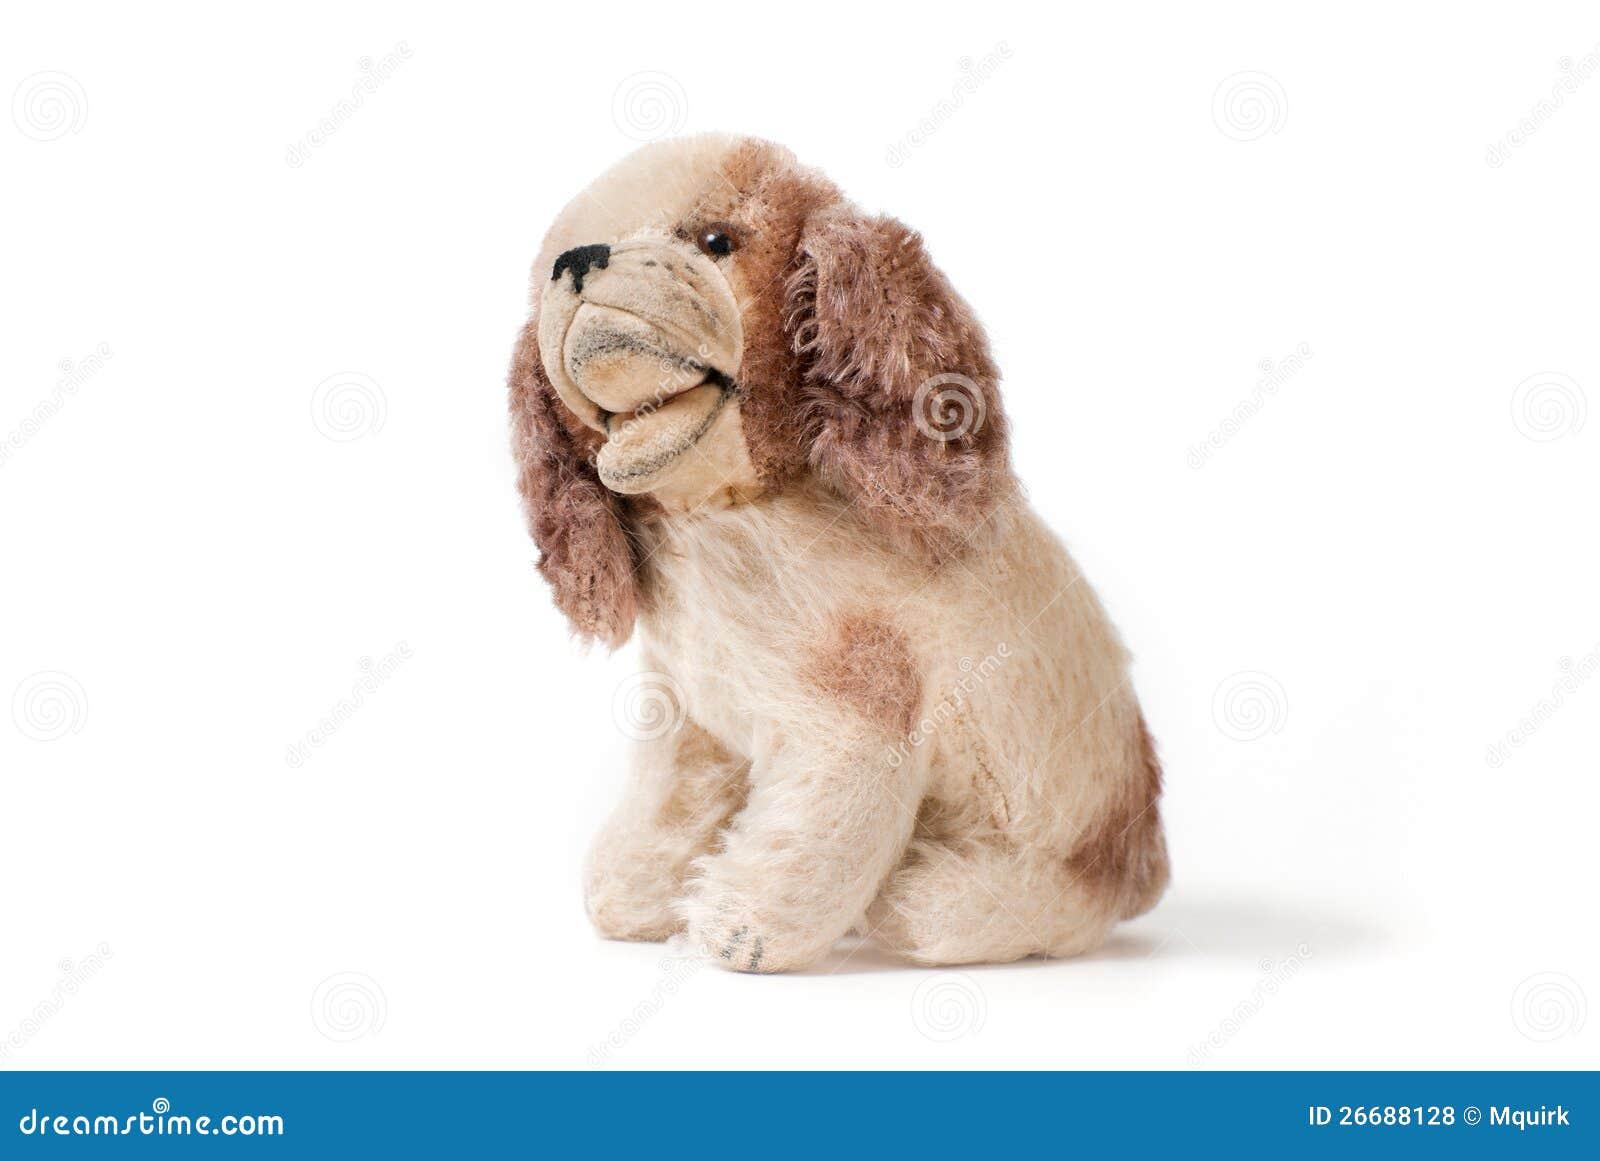 Wijnoogst gevulde stuk speelgoed hond royalty vrije stock foto 39 s beeld 26688128 - Wijnoogst ...